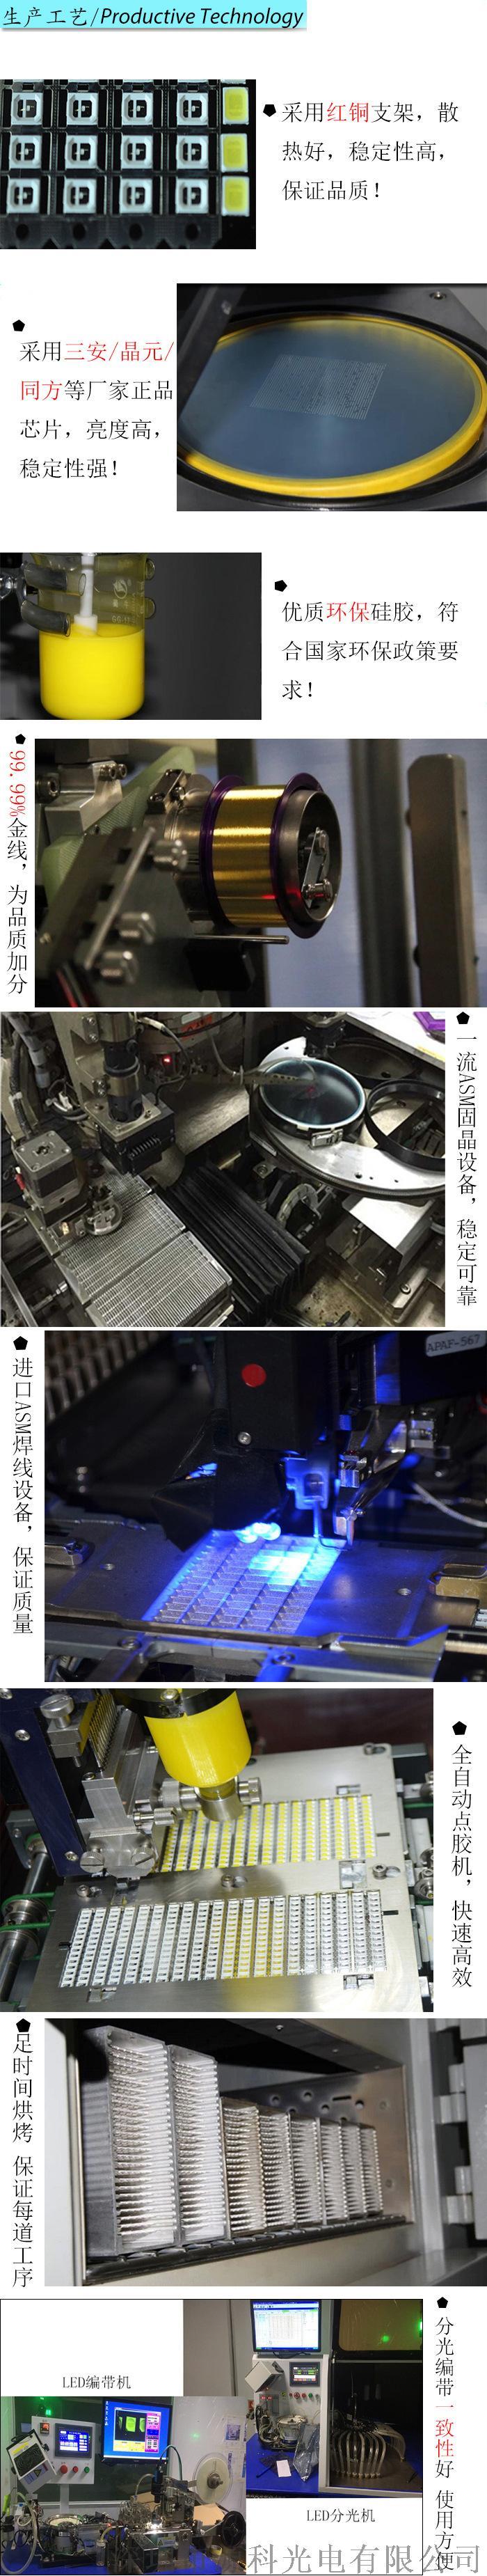 1200MA2016灯珠专业闪光灯厂家96932952